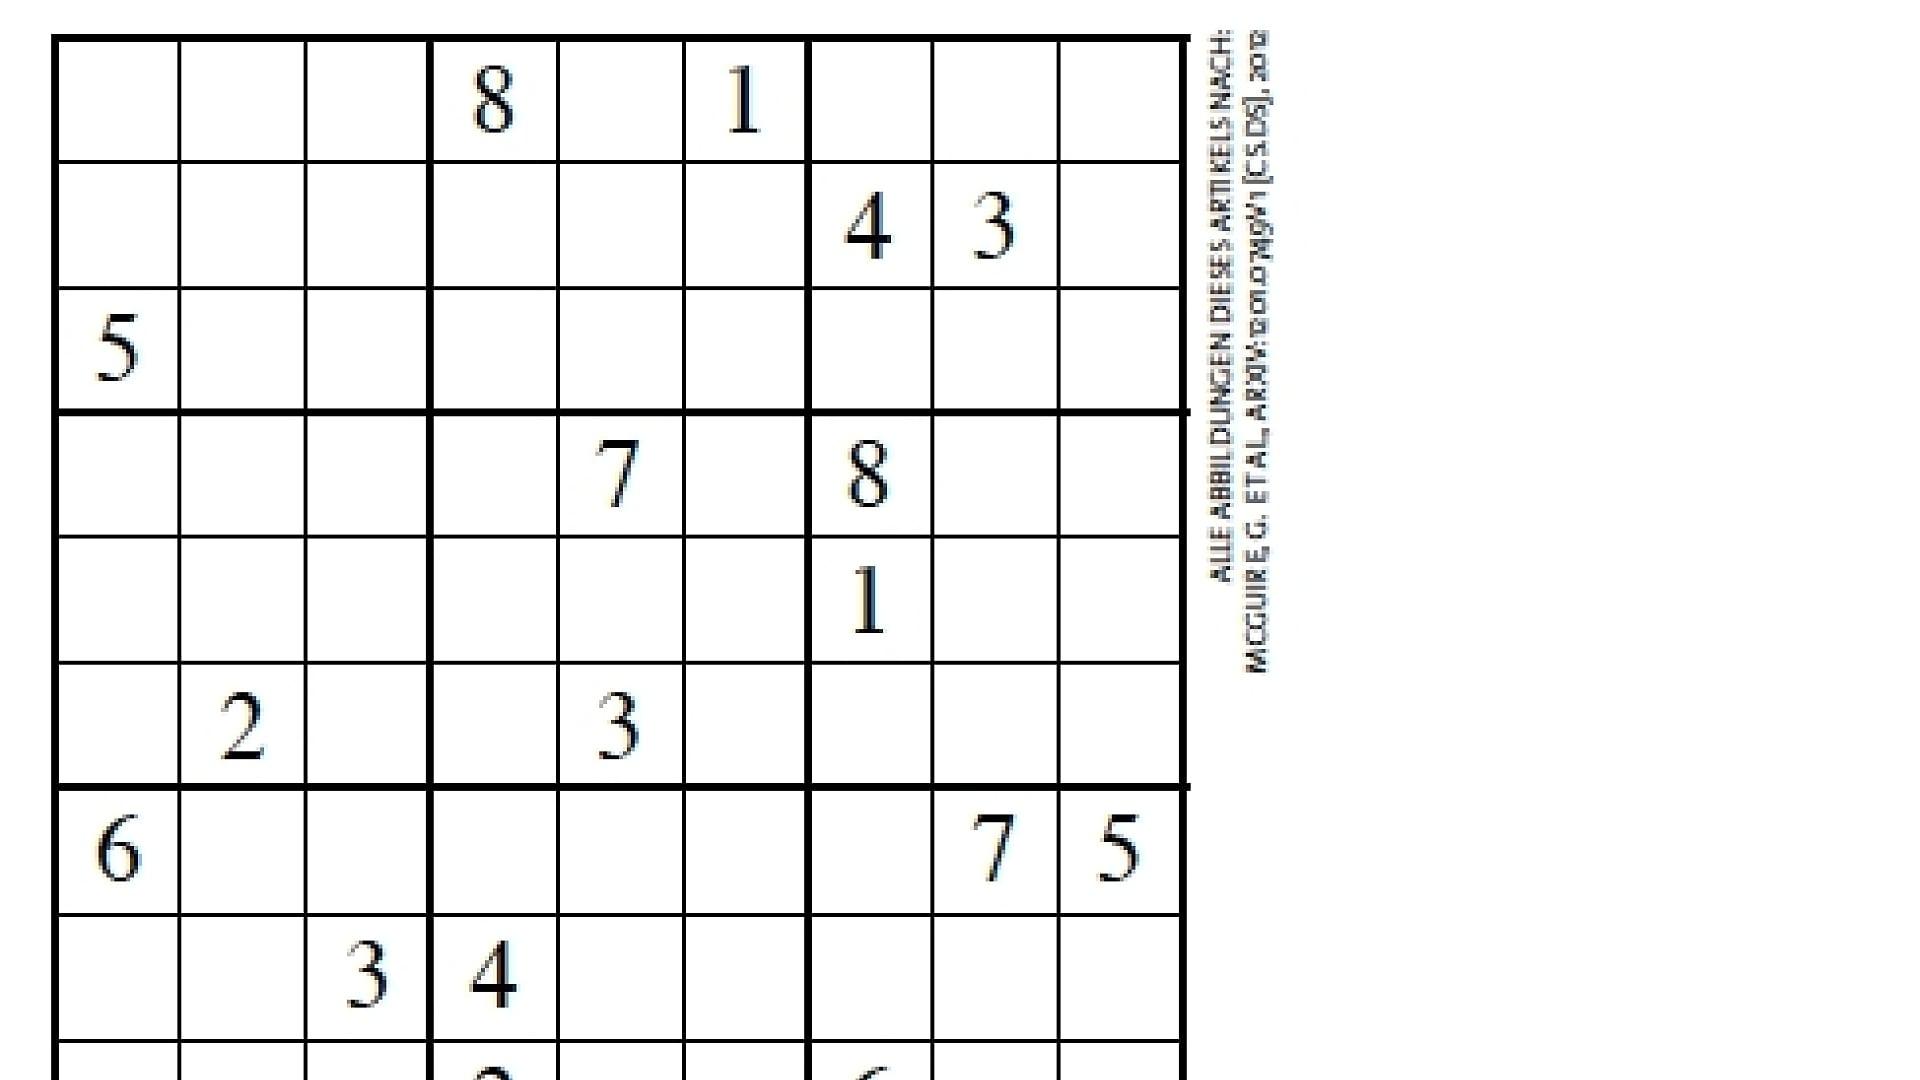 Kombinatorik: Ein Sudoku Benötigt Mindestens 17 Vorgaben bestimmt für Sudoku Kostenlos Drucken Schwer